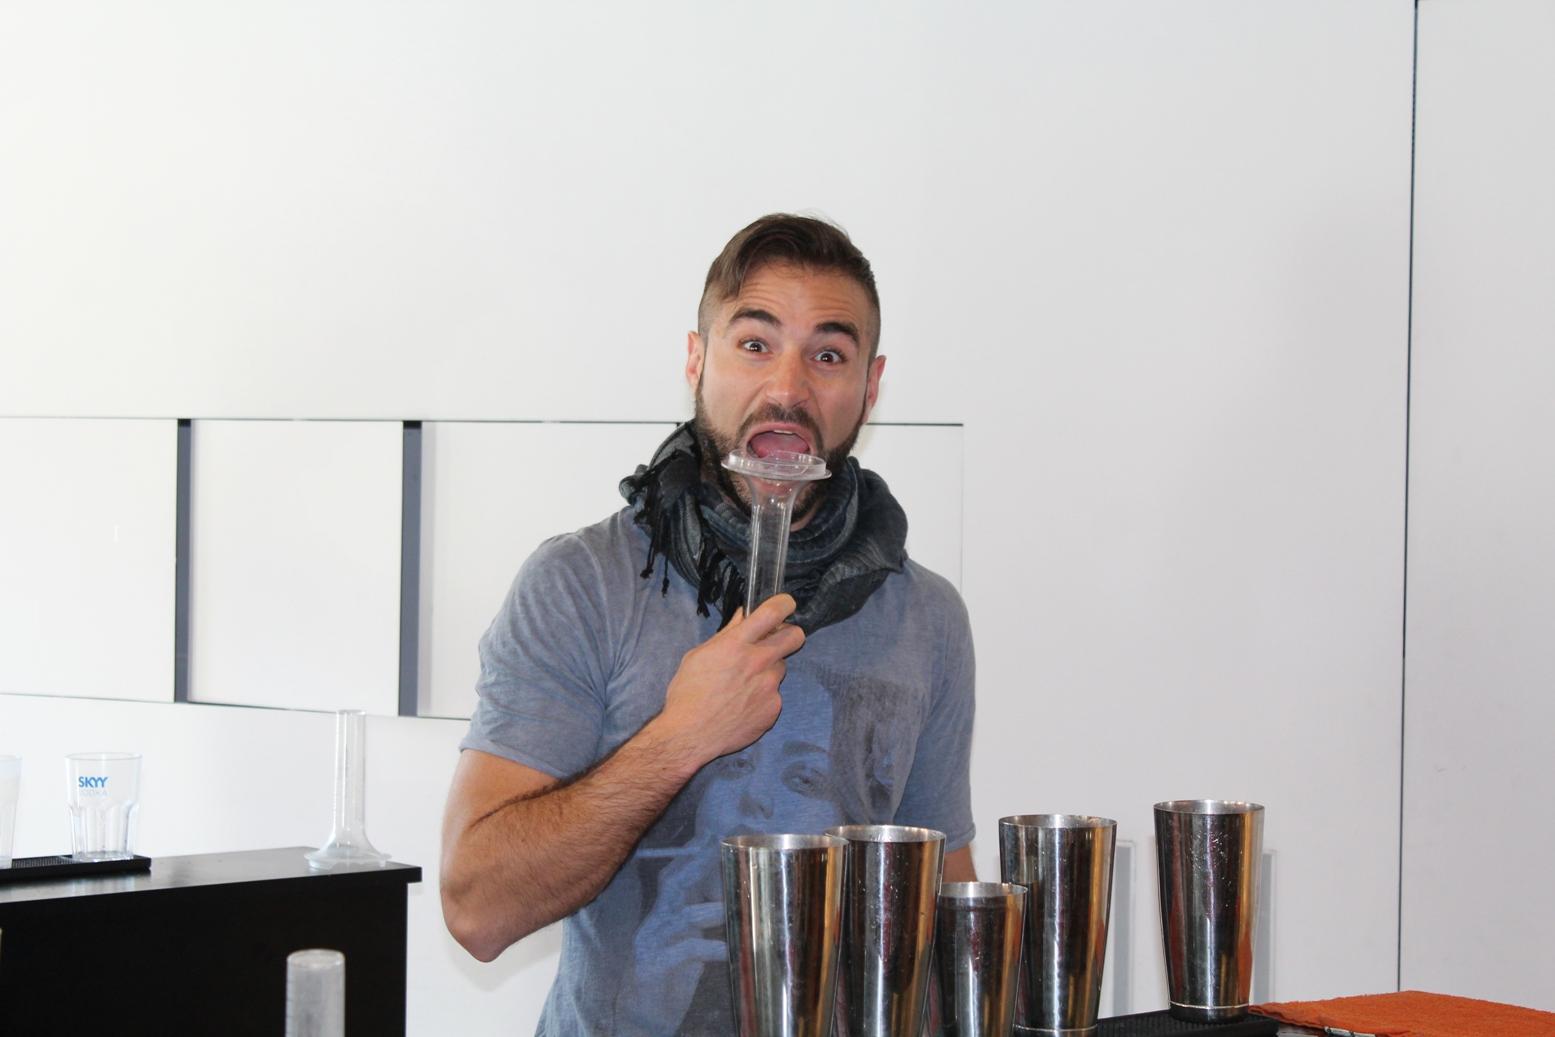 corso-barman-riconosciuto